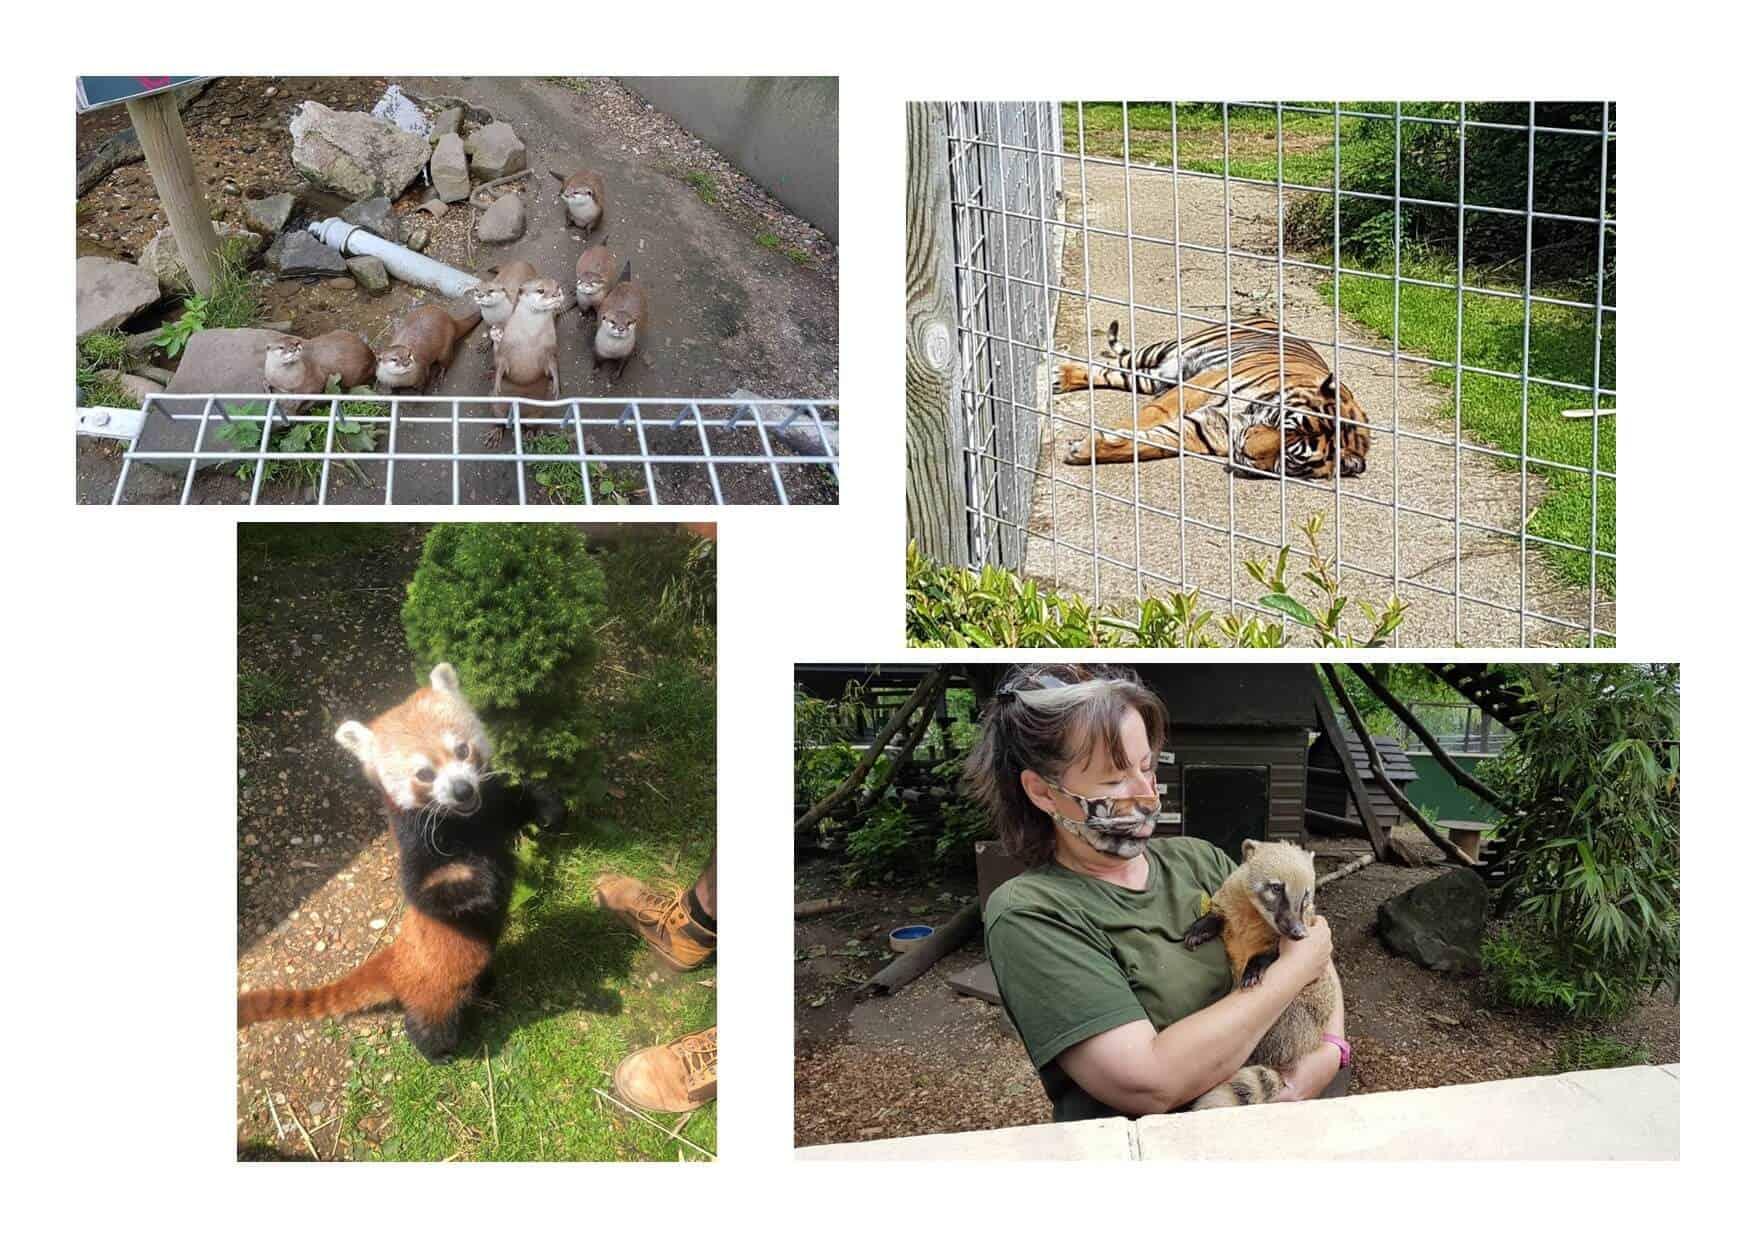 Animals at Shepreth Wildlife Park part 2